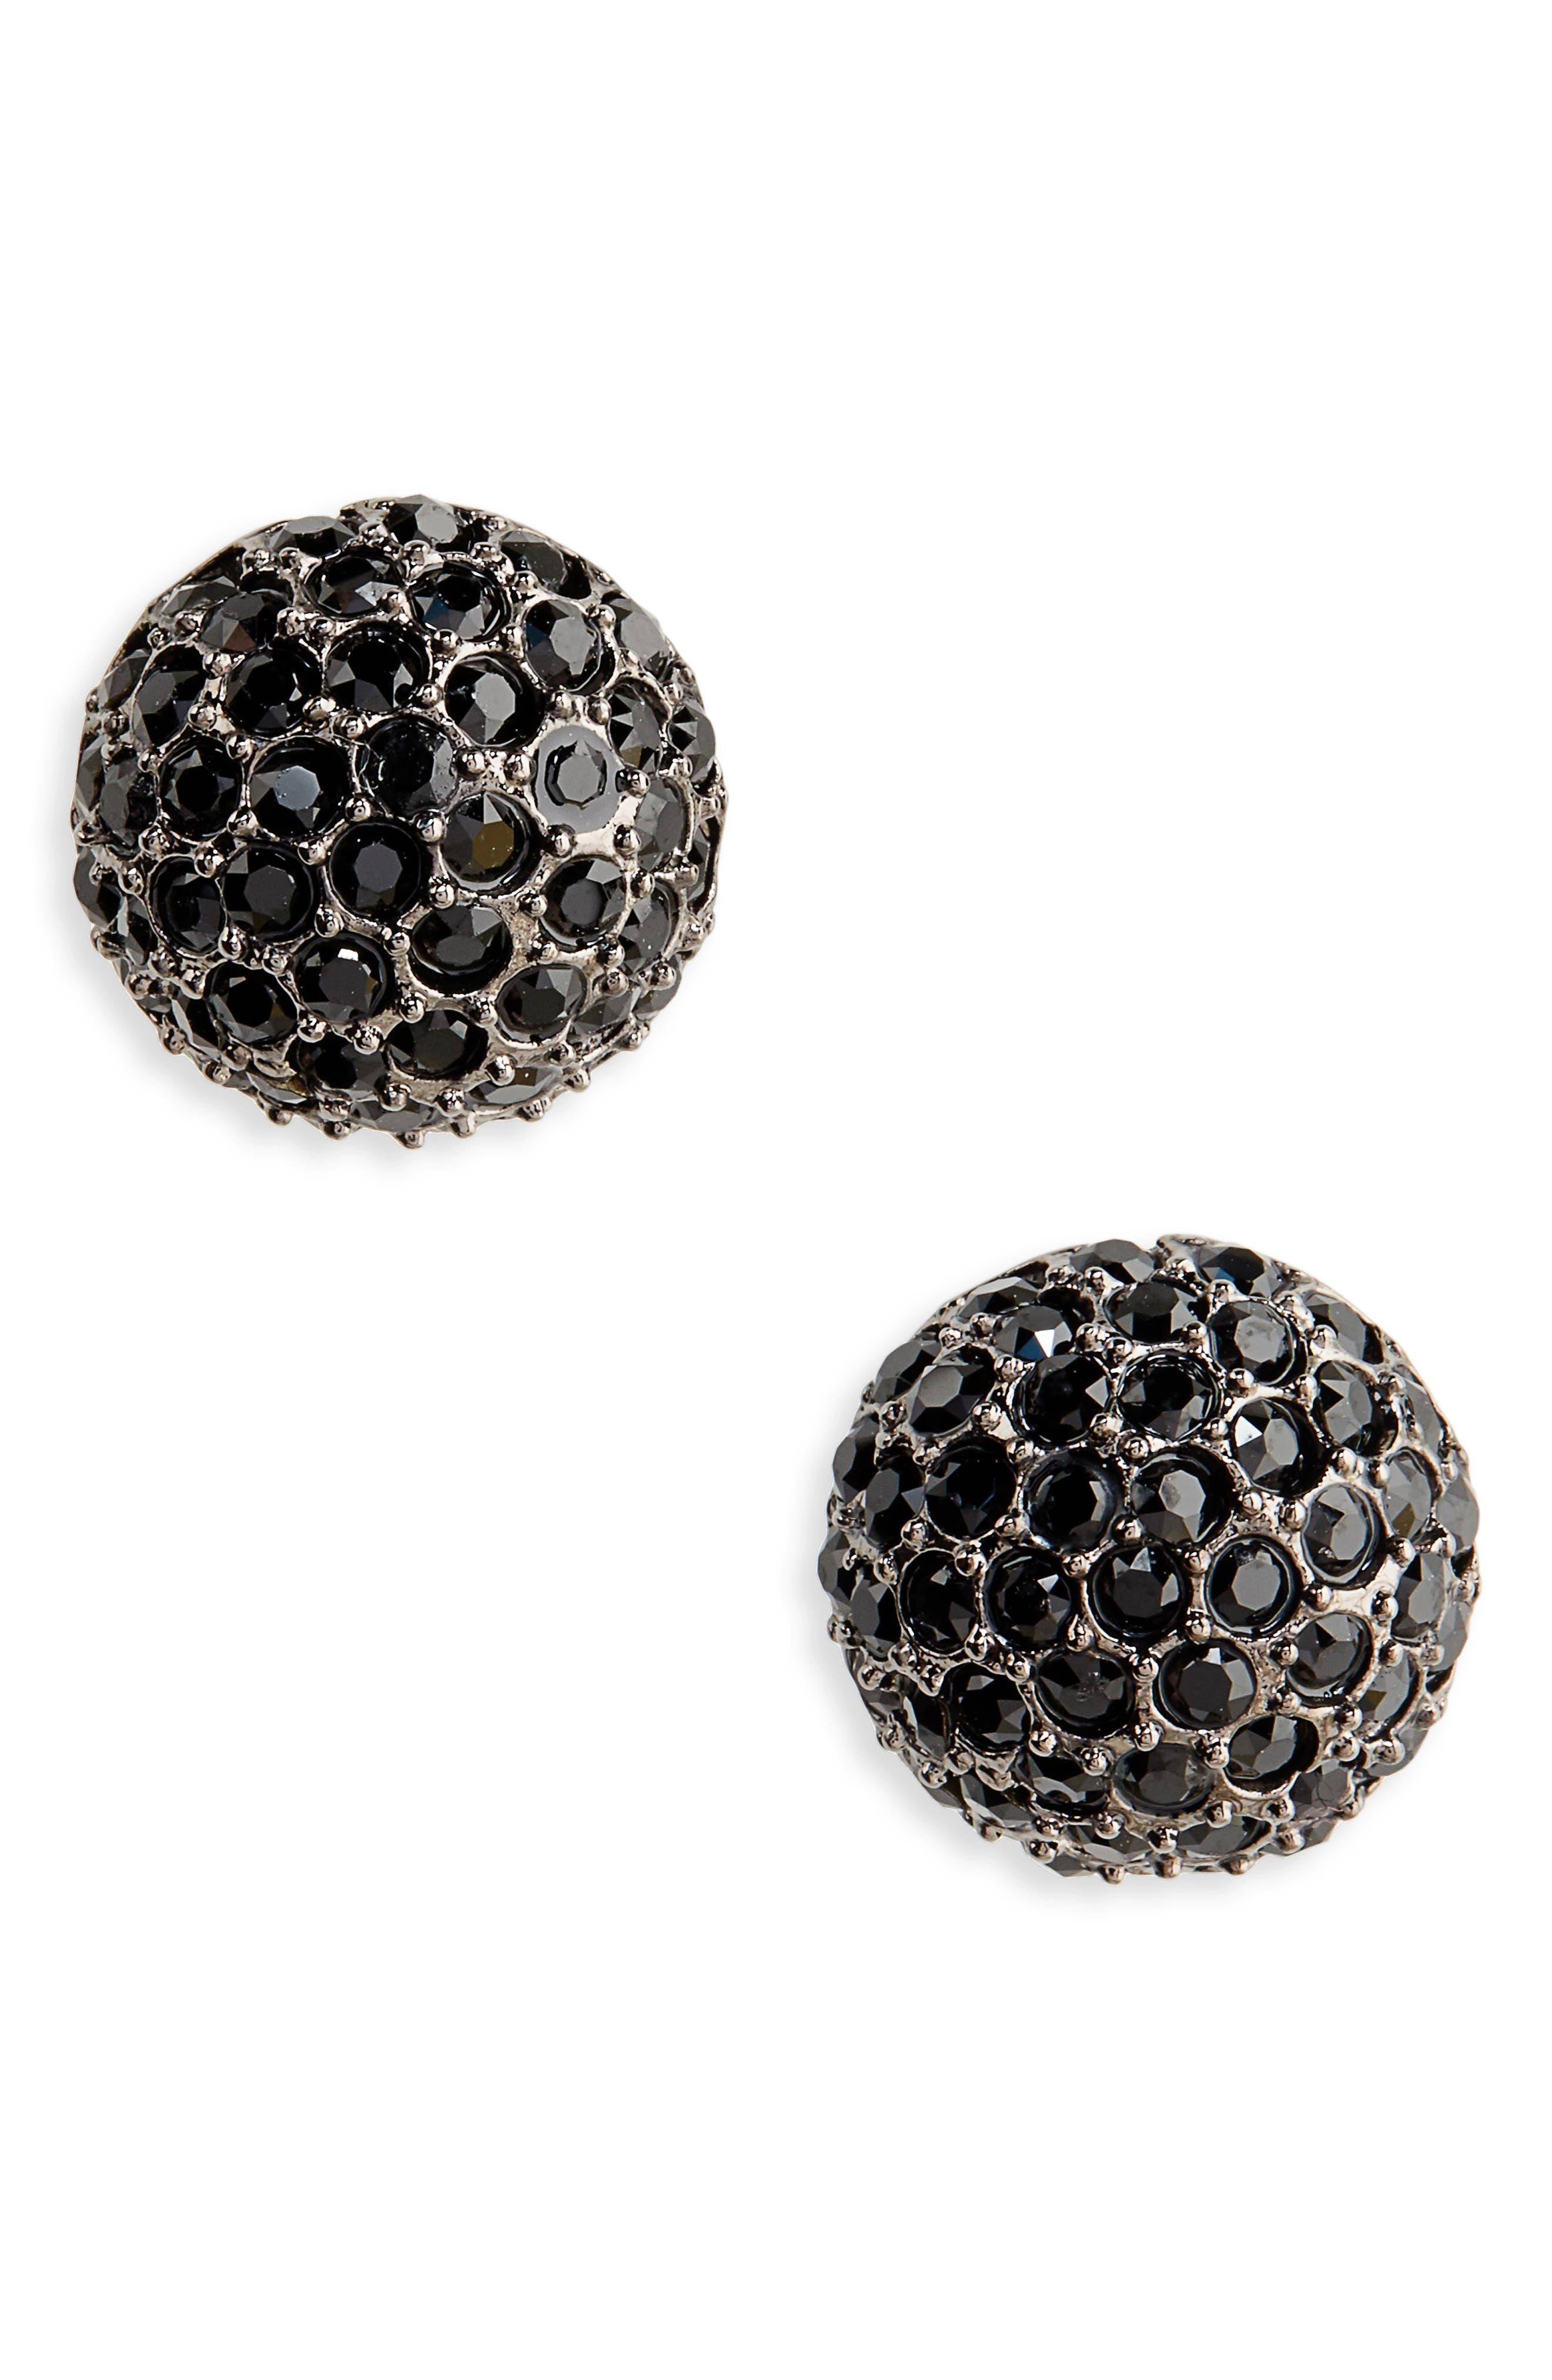 Dome Stud Earrings,                             Main thumbnail 1, color,                             001